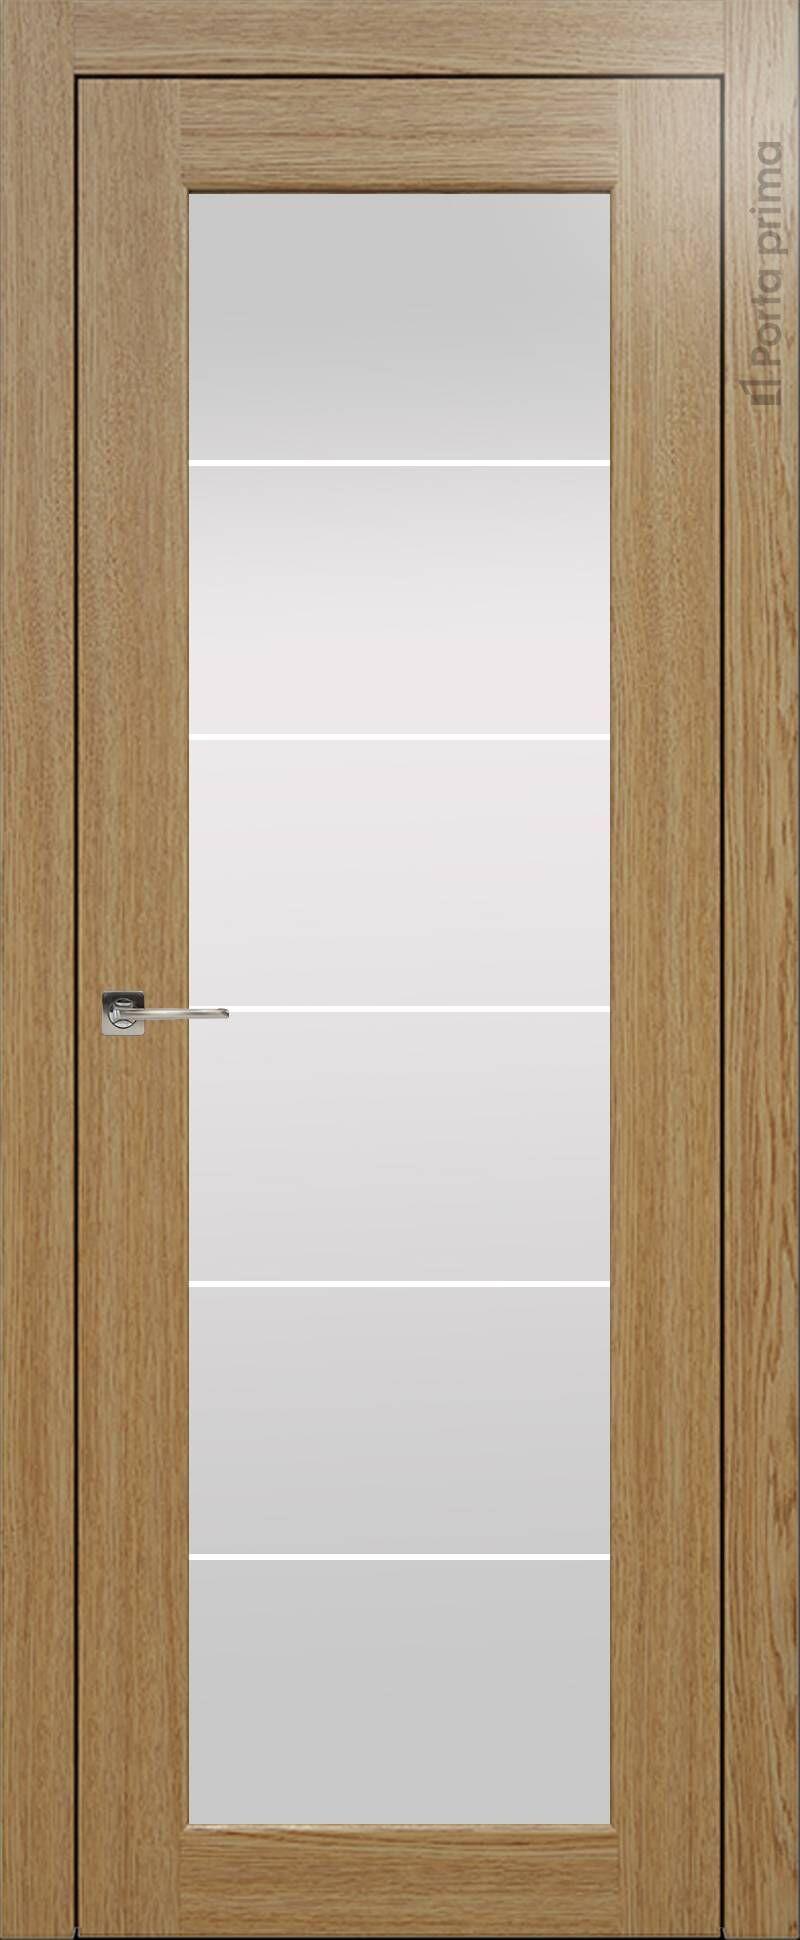 Sonata цвет - Дуб карамель Со стеклом (ДО)